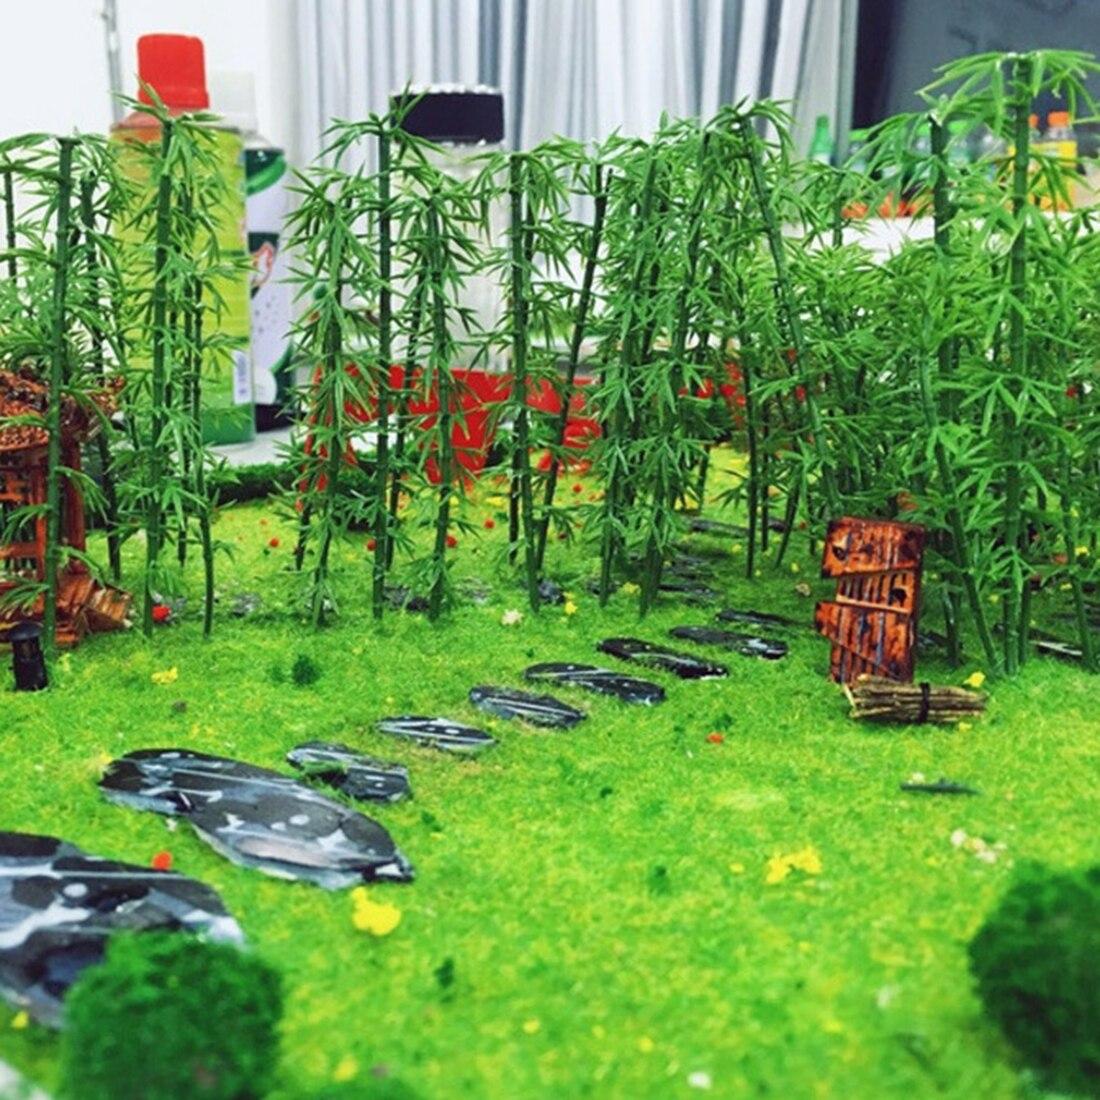 50 pces 12 cm/100 pces 15 cm/100 pces 13cm modelo miniatura plástico árvore paisagem bambu árvore areia tabela modelo decoração